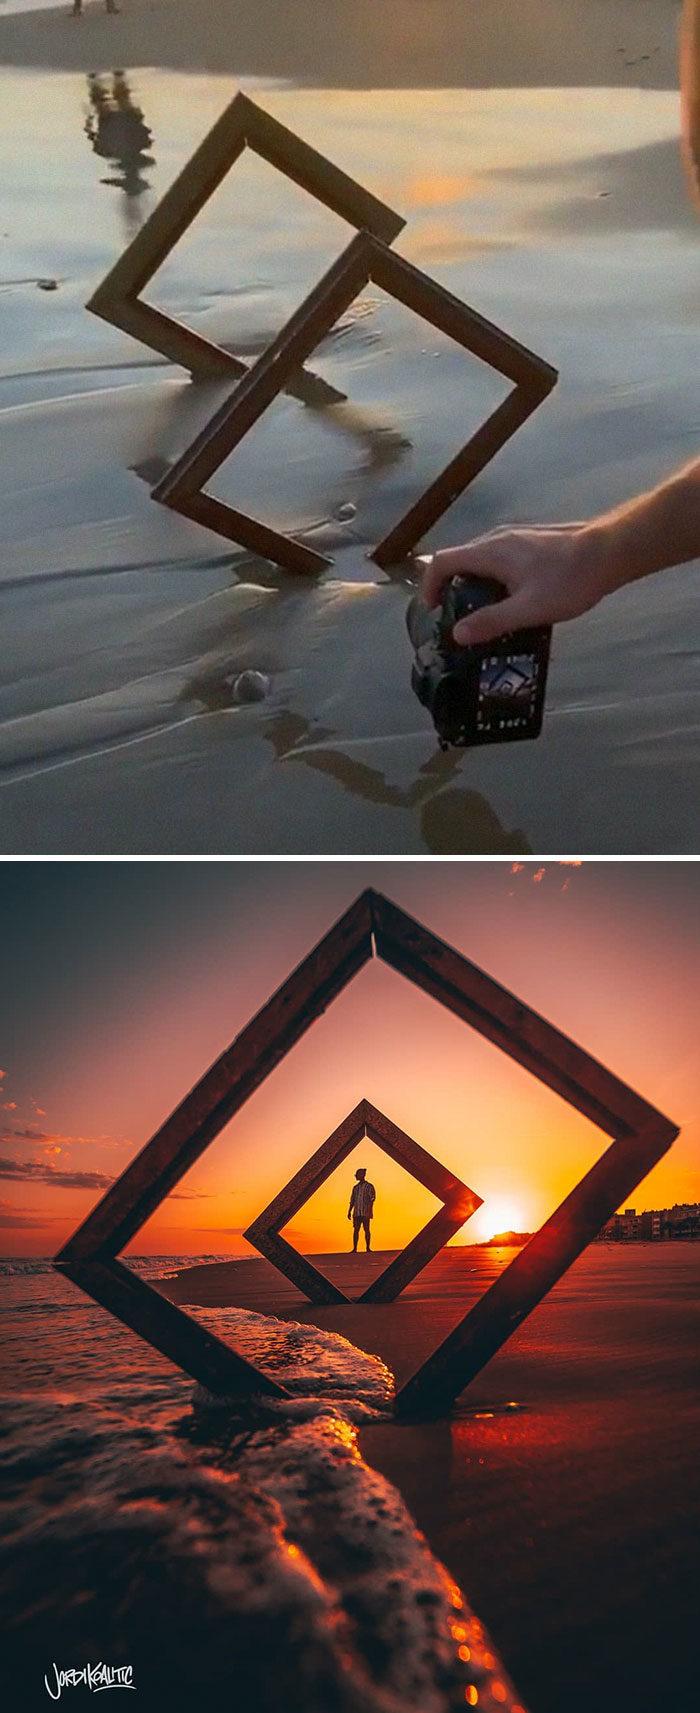 30張零技巧也能「菜鳥→大師」美照背後秘密 一把透明傘就能拍出唯美照!